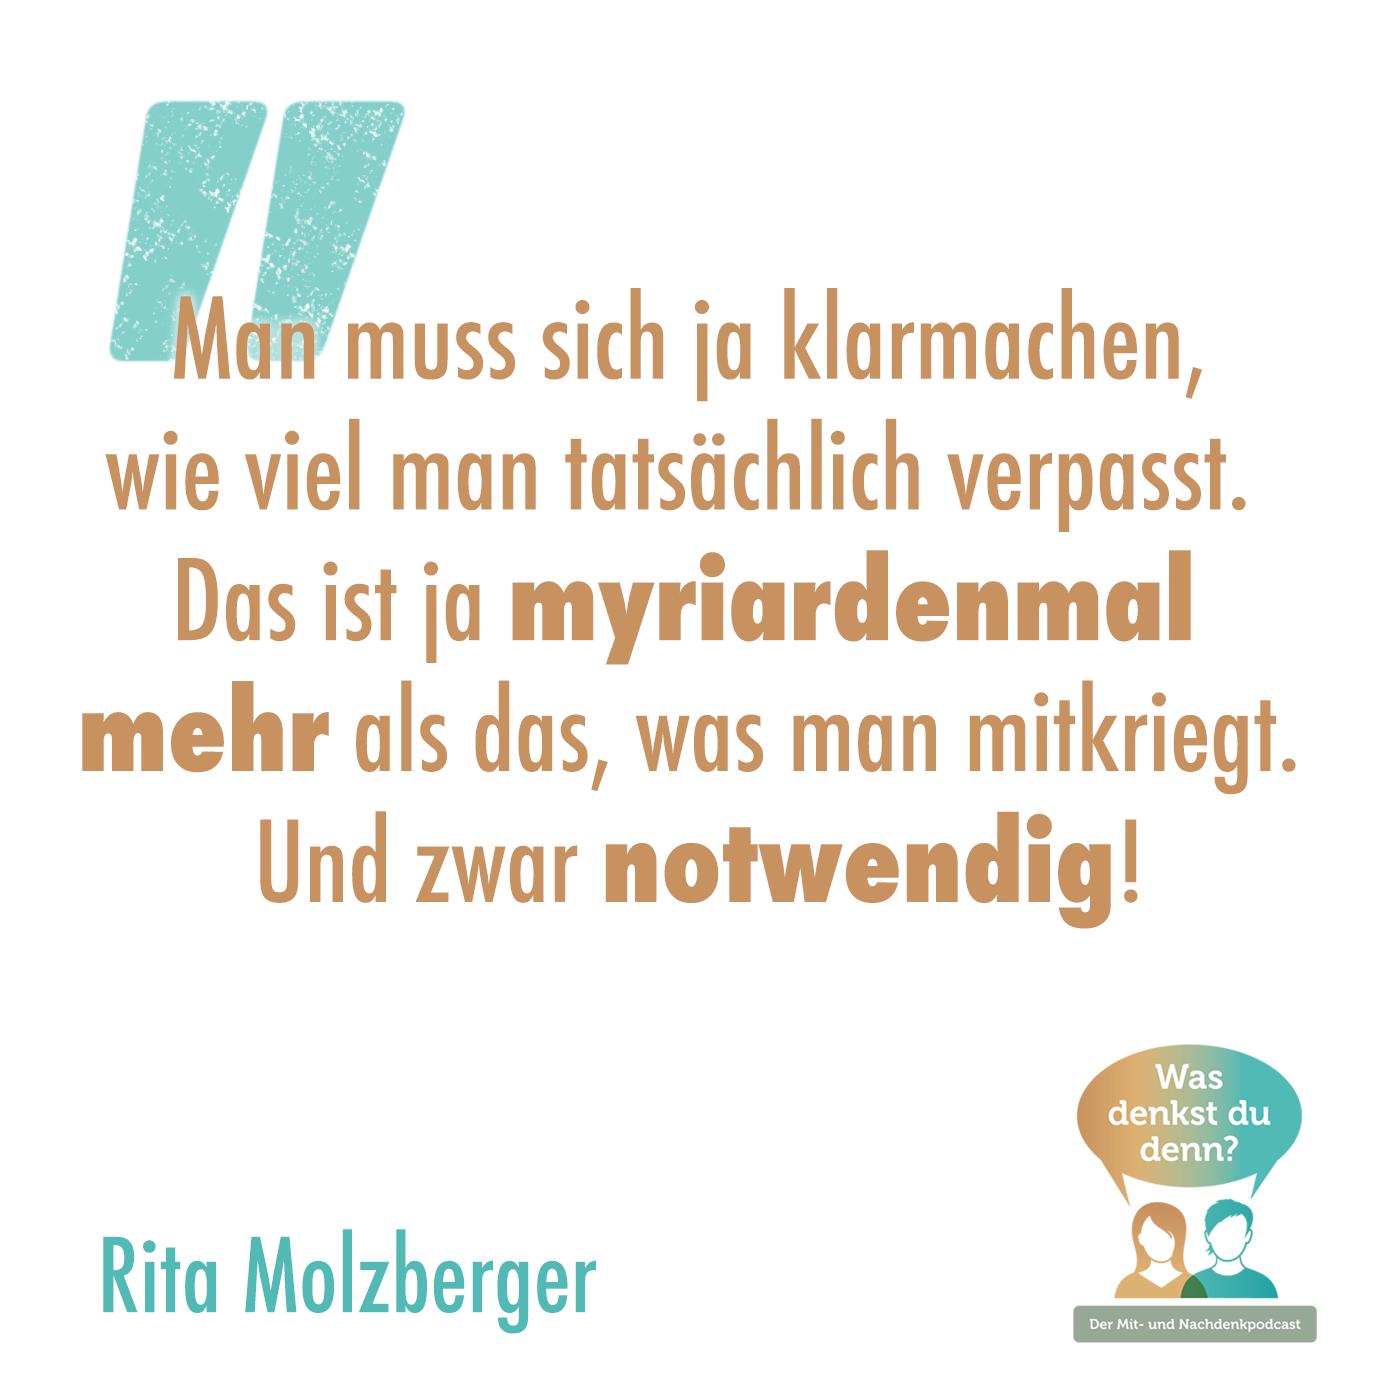 """Zitat Rita Molzberger: """"Man muss sich ja klarmachen, wie viel man tatsächlich verpasst. Das ist ja myriarden mal mehr als das, was man mitkriegt. Und zwar Notwendig!"""""""